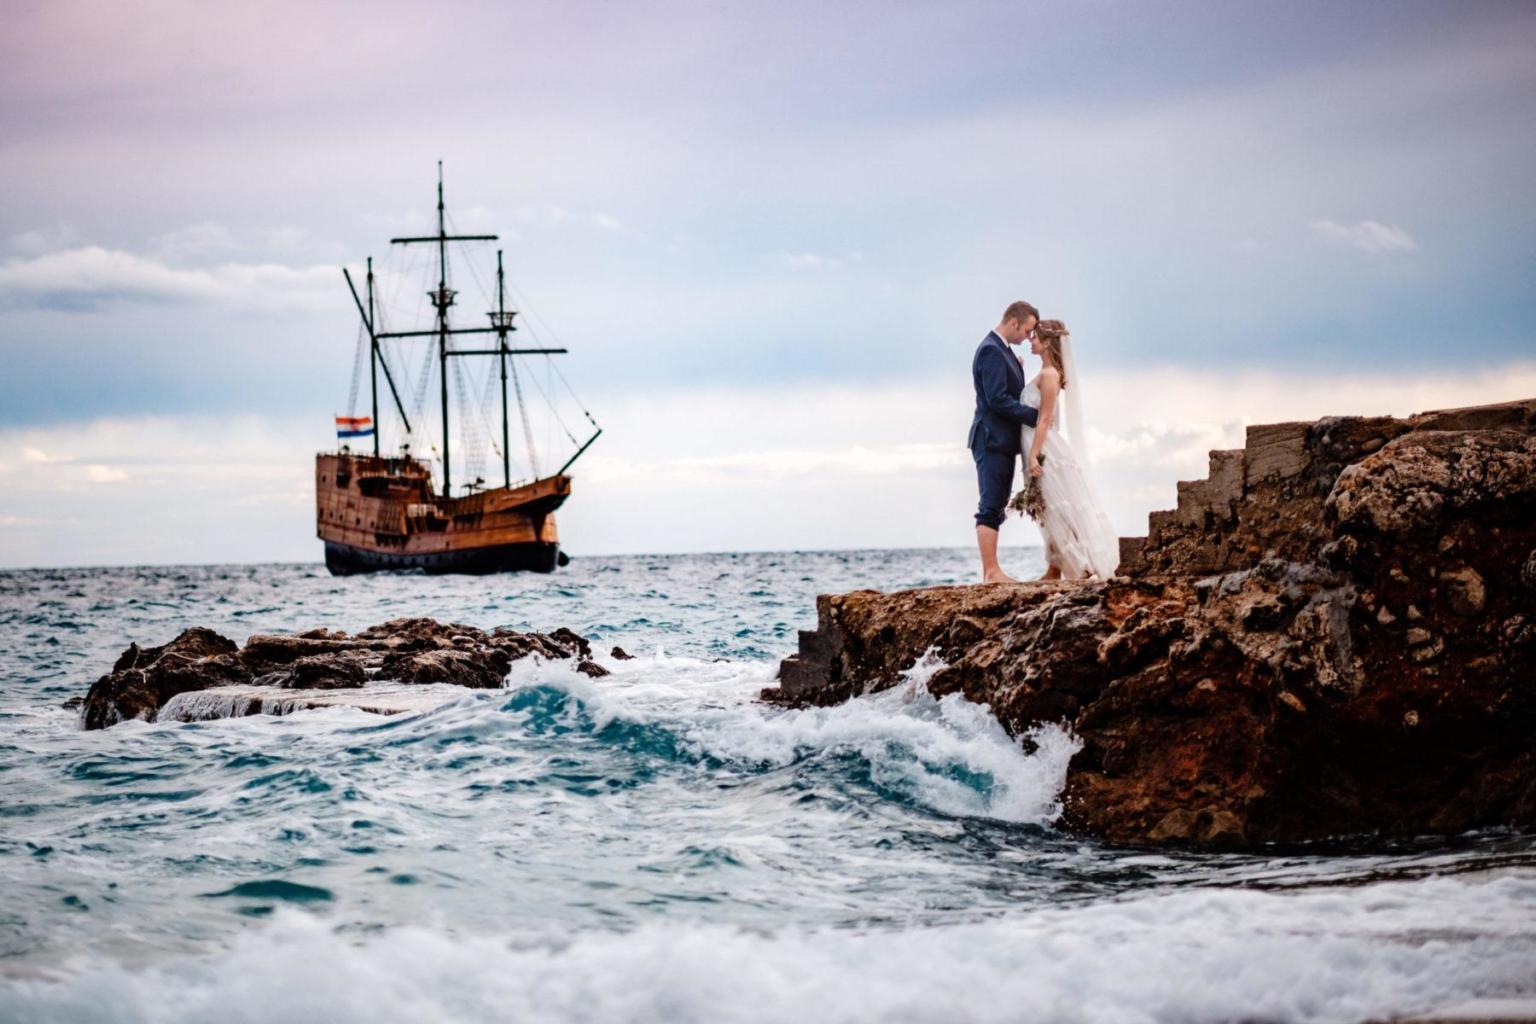 After Wedding Shooting in Kroatien 0201 1 scaled - Game of Thrones Hochzeit in Kroatien